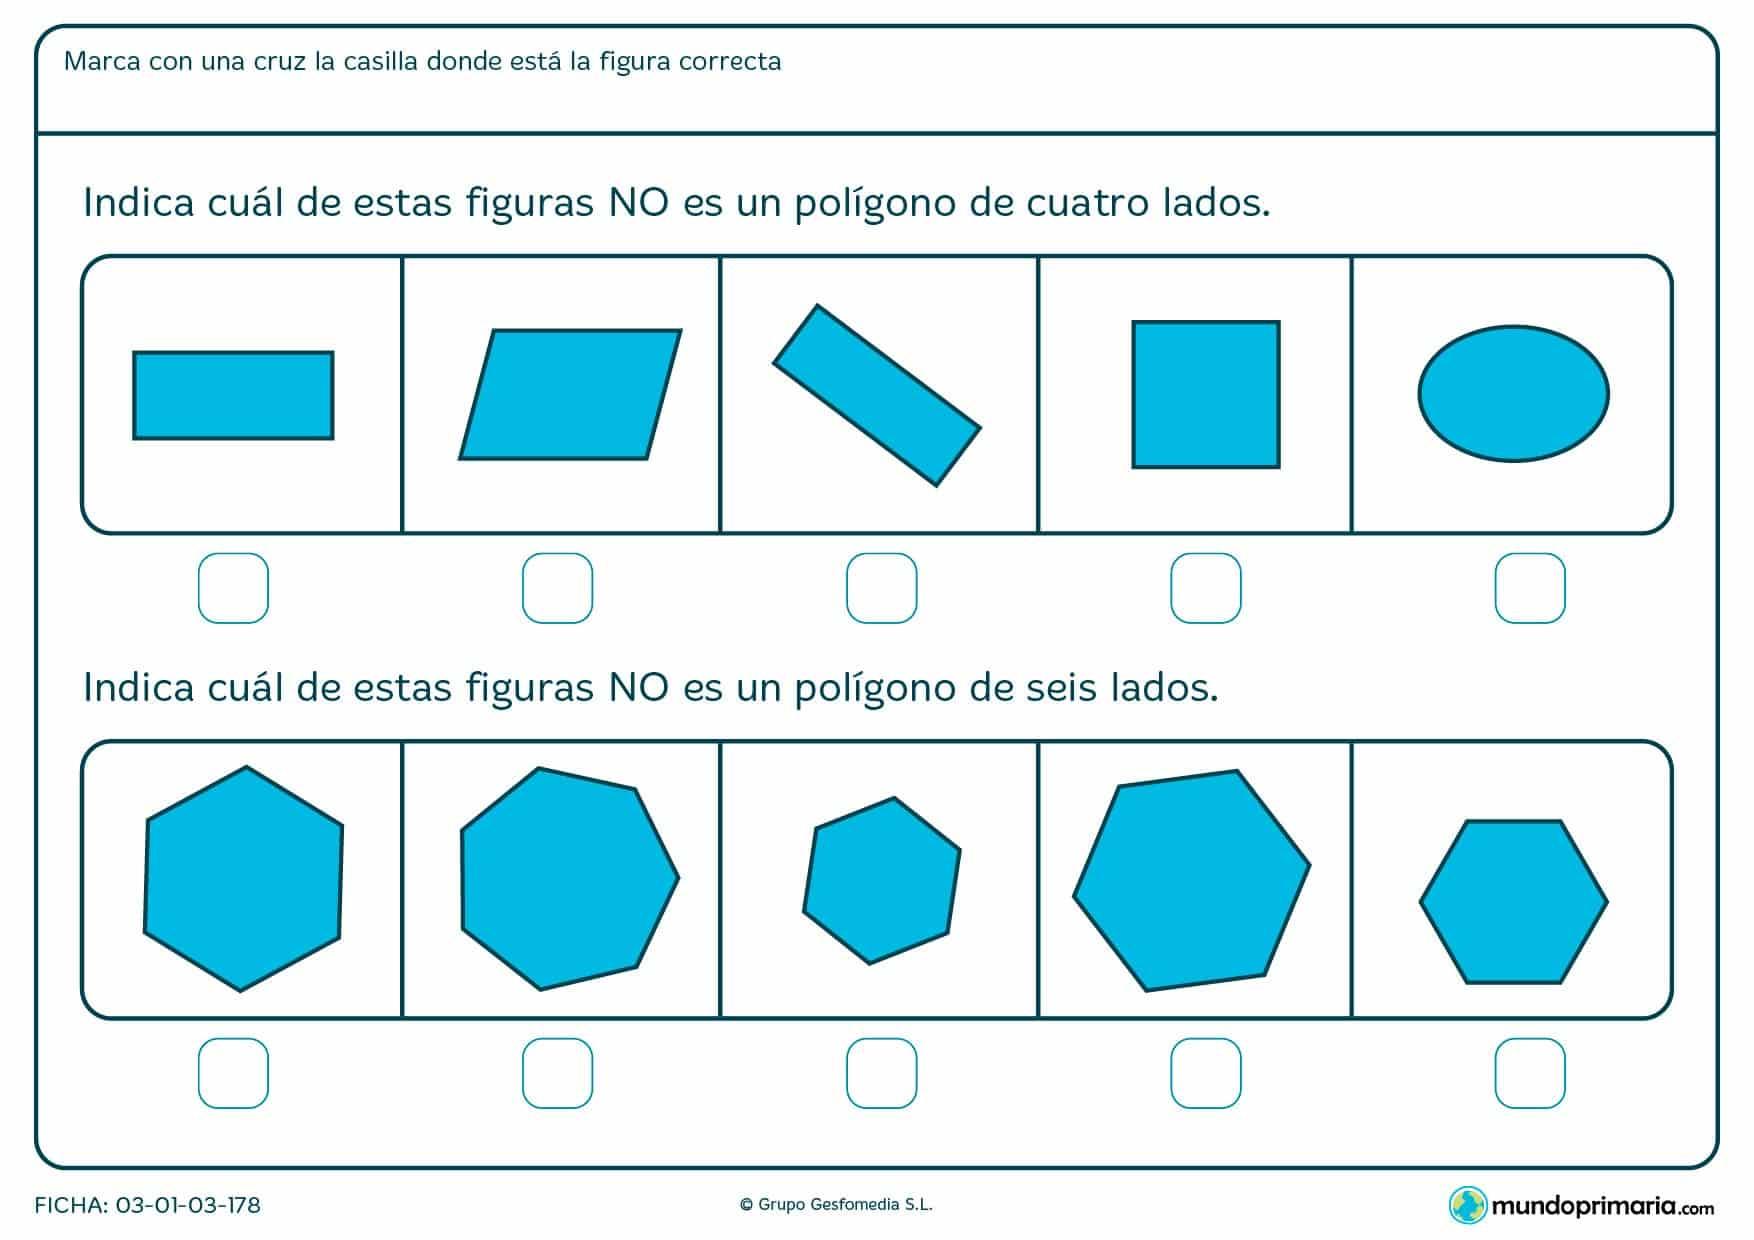 Ficha de diferenciar polígonos para niños de 1º de primaria con la que reforzar conocimientos